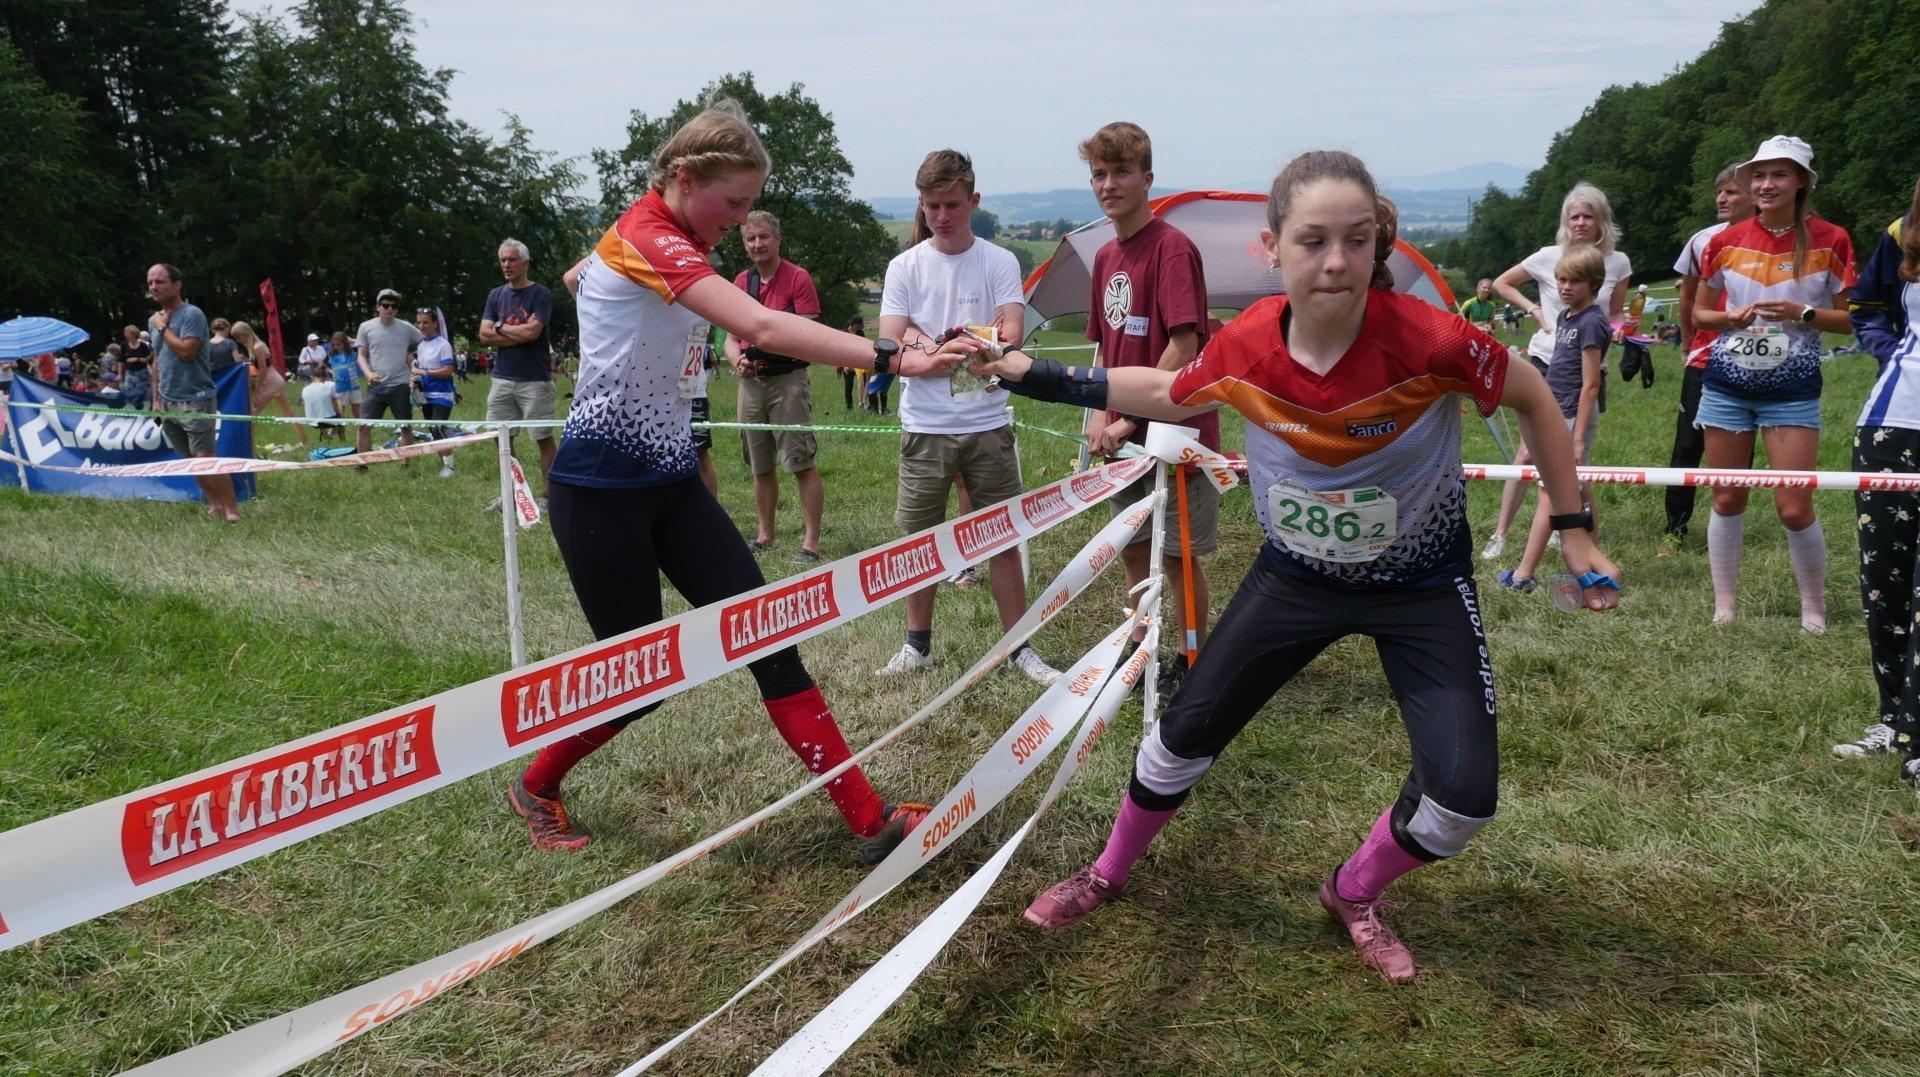 Inès Berger (à gauche) passe le témoin à Justine Hamel (à droite) lors du relais des championnats de Suisse d'orientation.